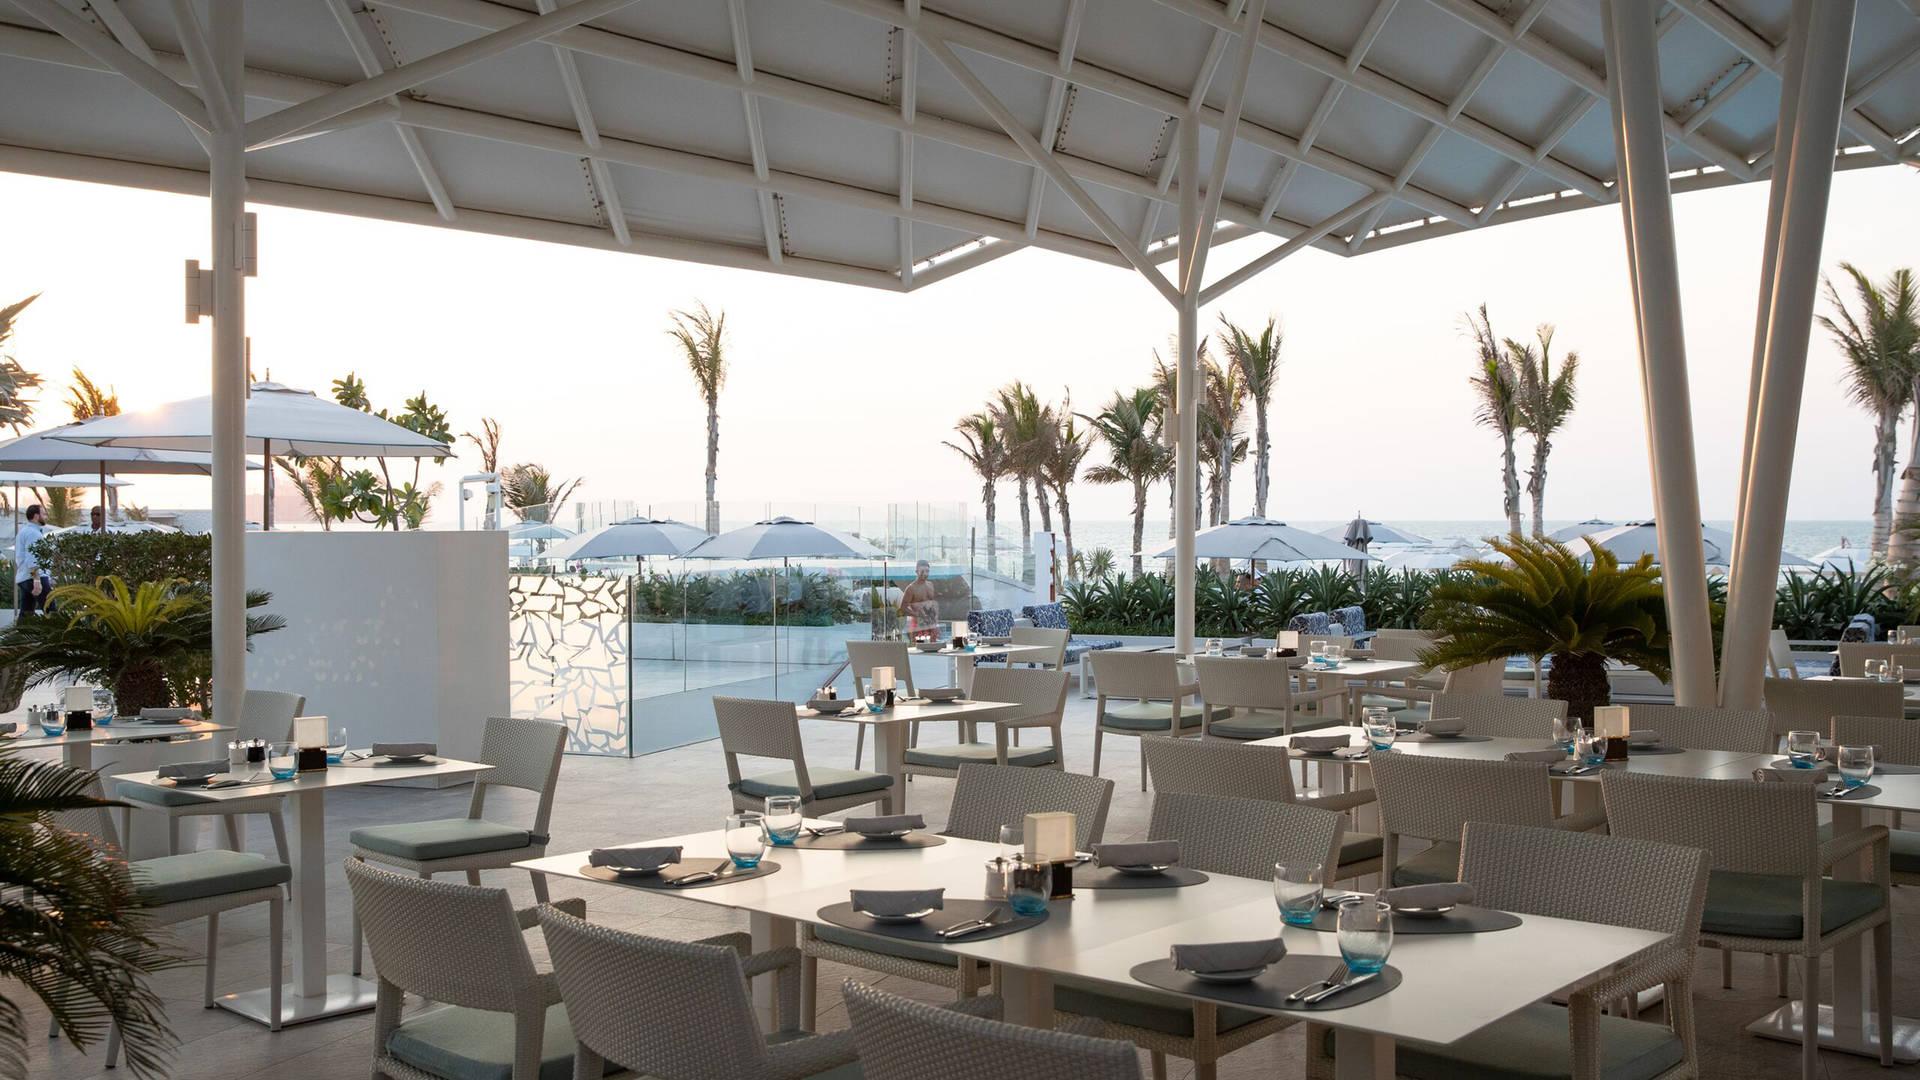 迪拜餐厅帆船酒店 Scape 露台